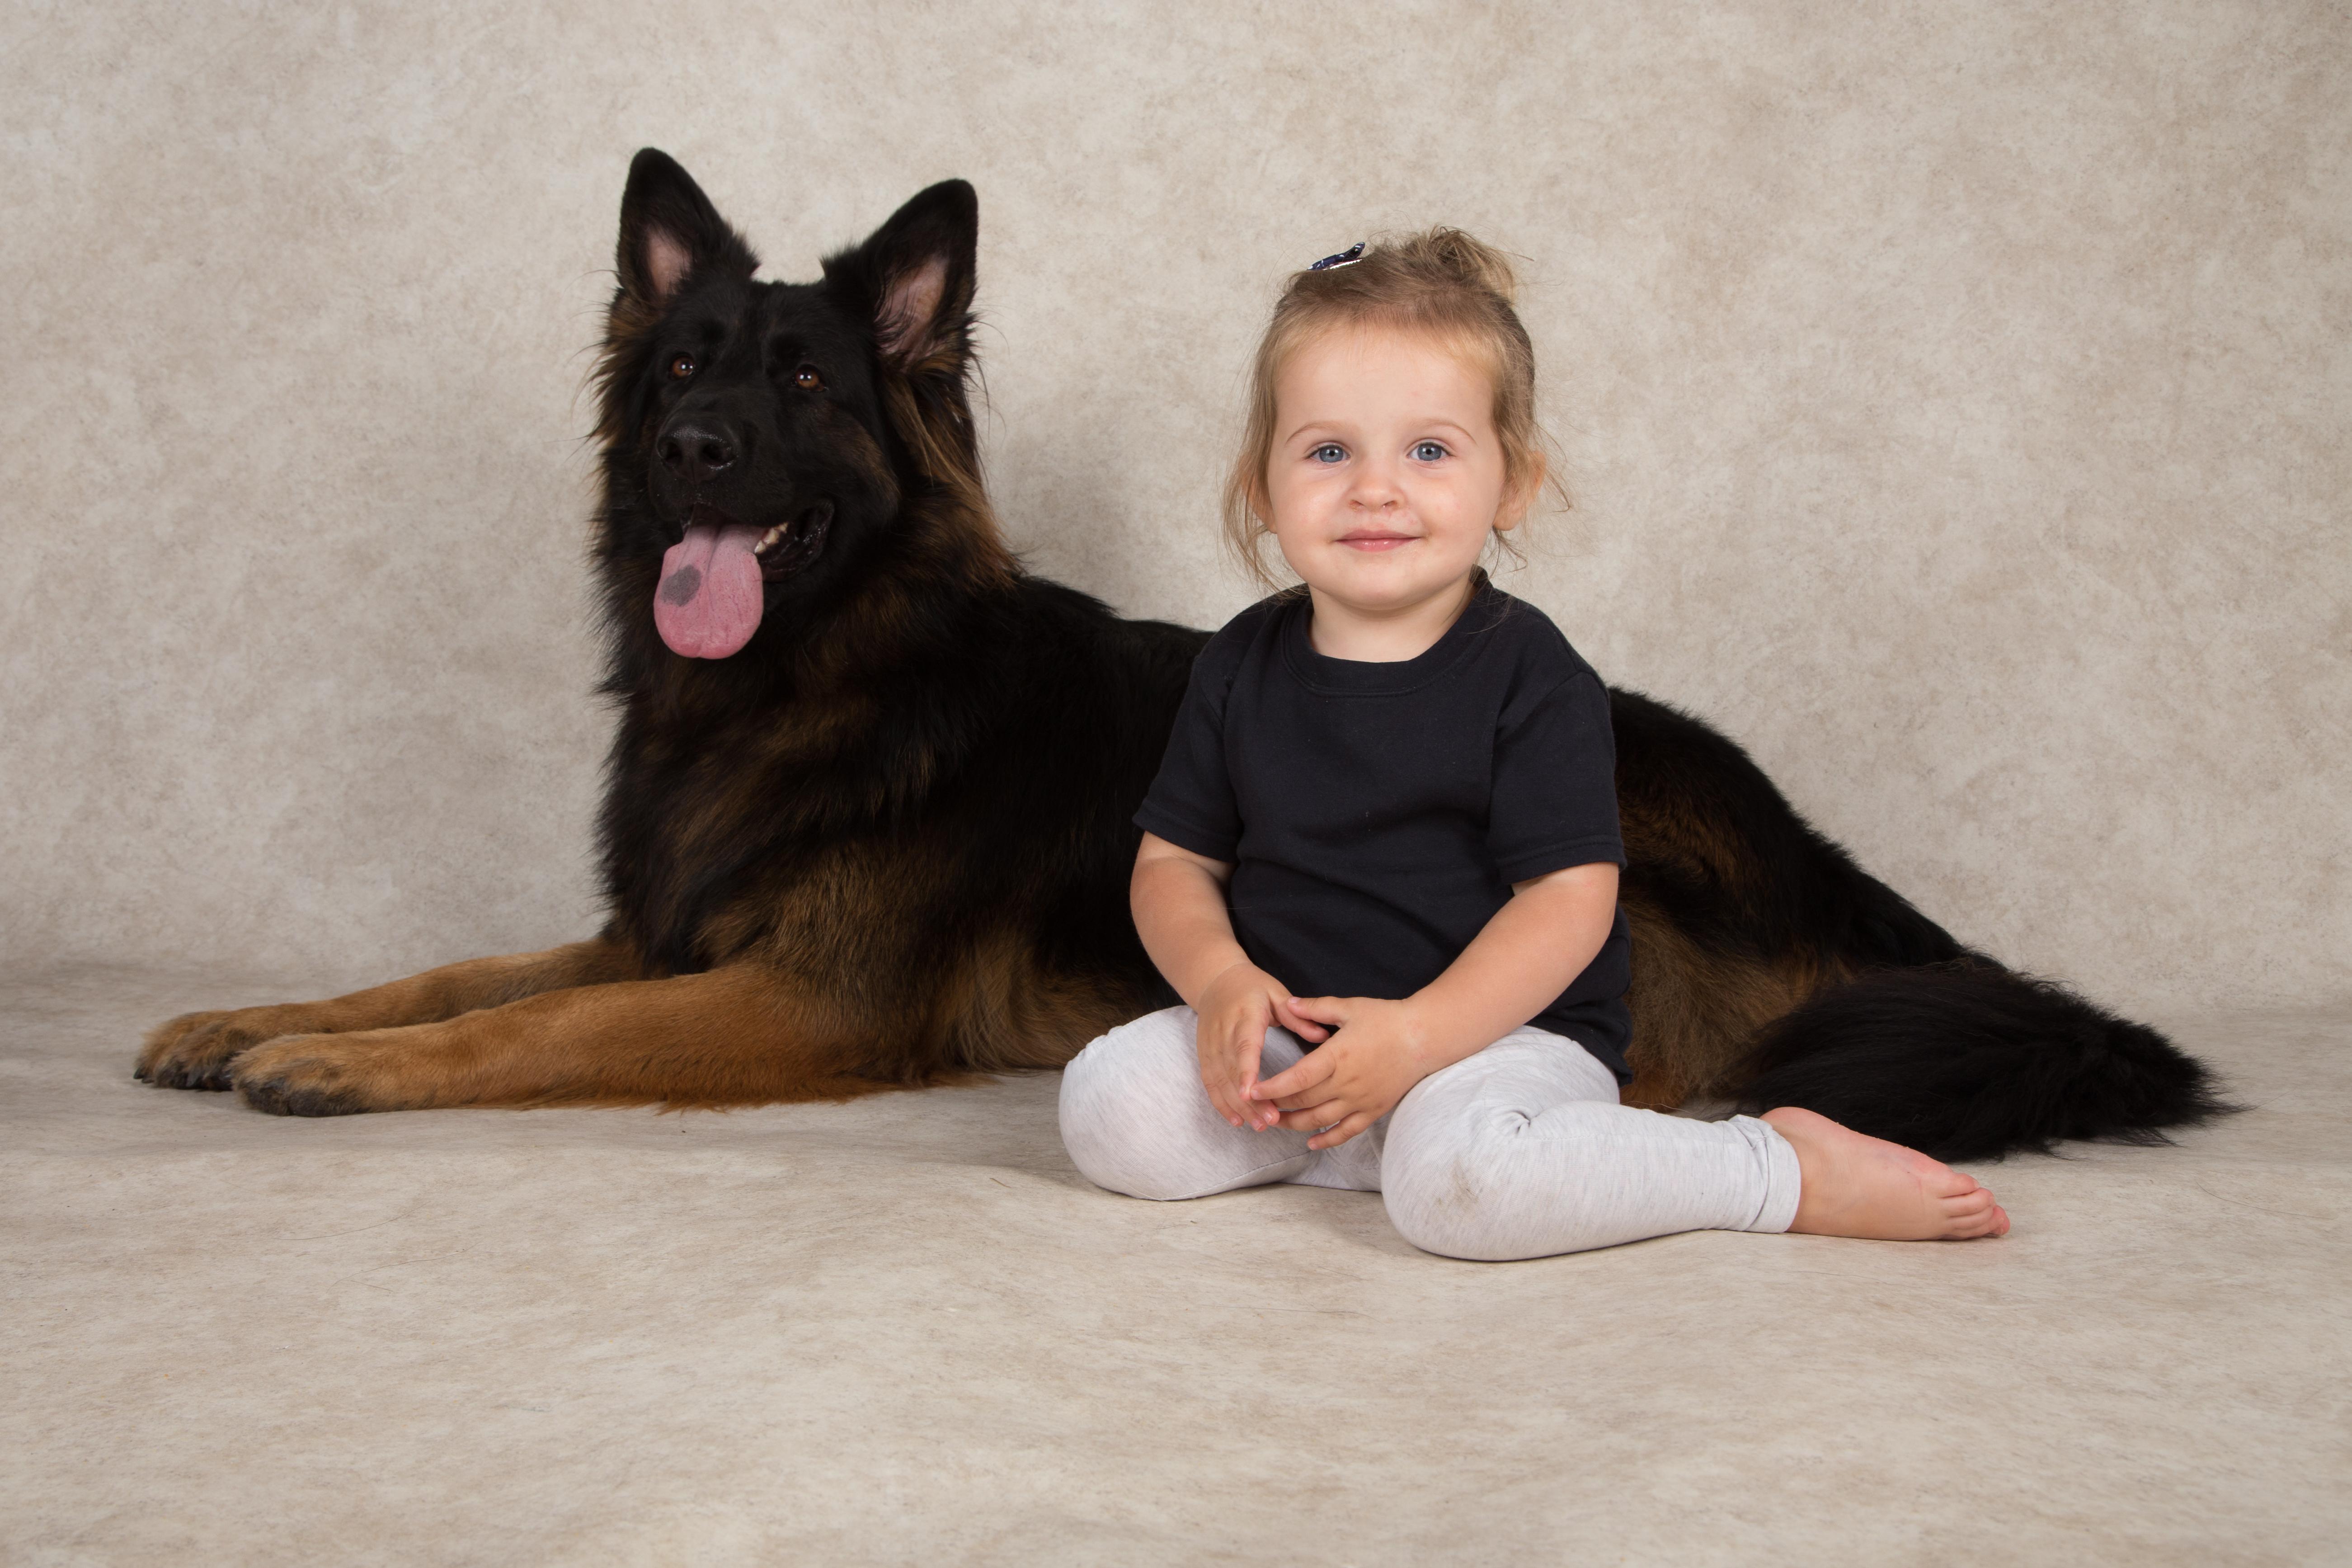 Her best friend